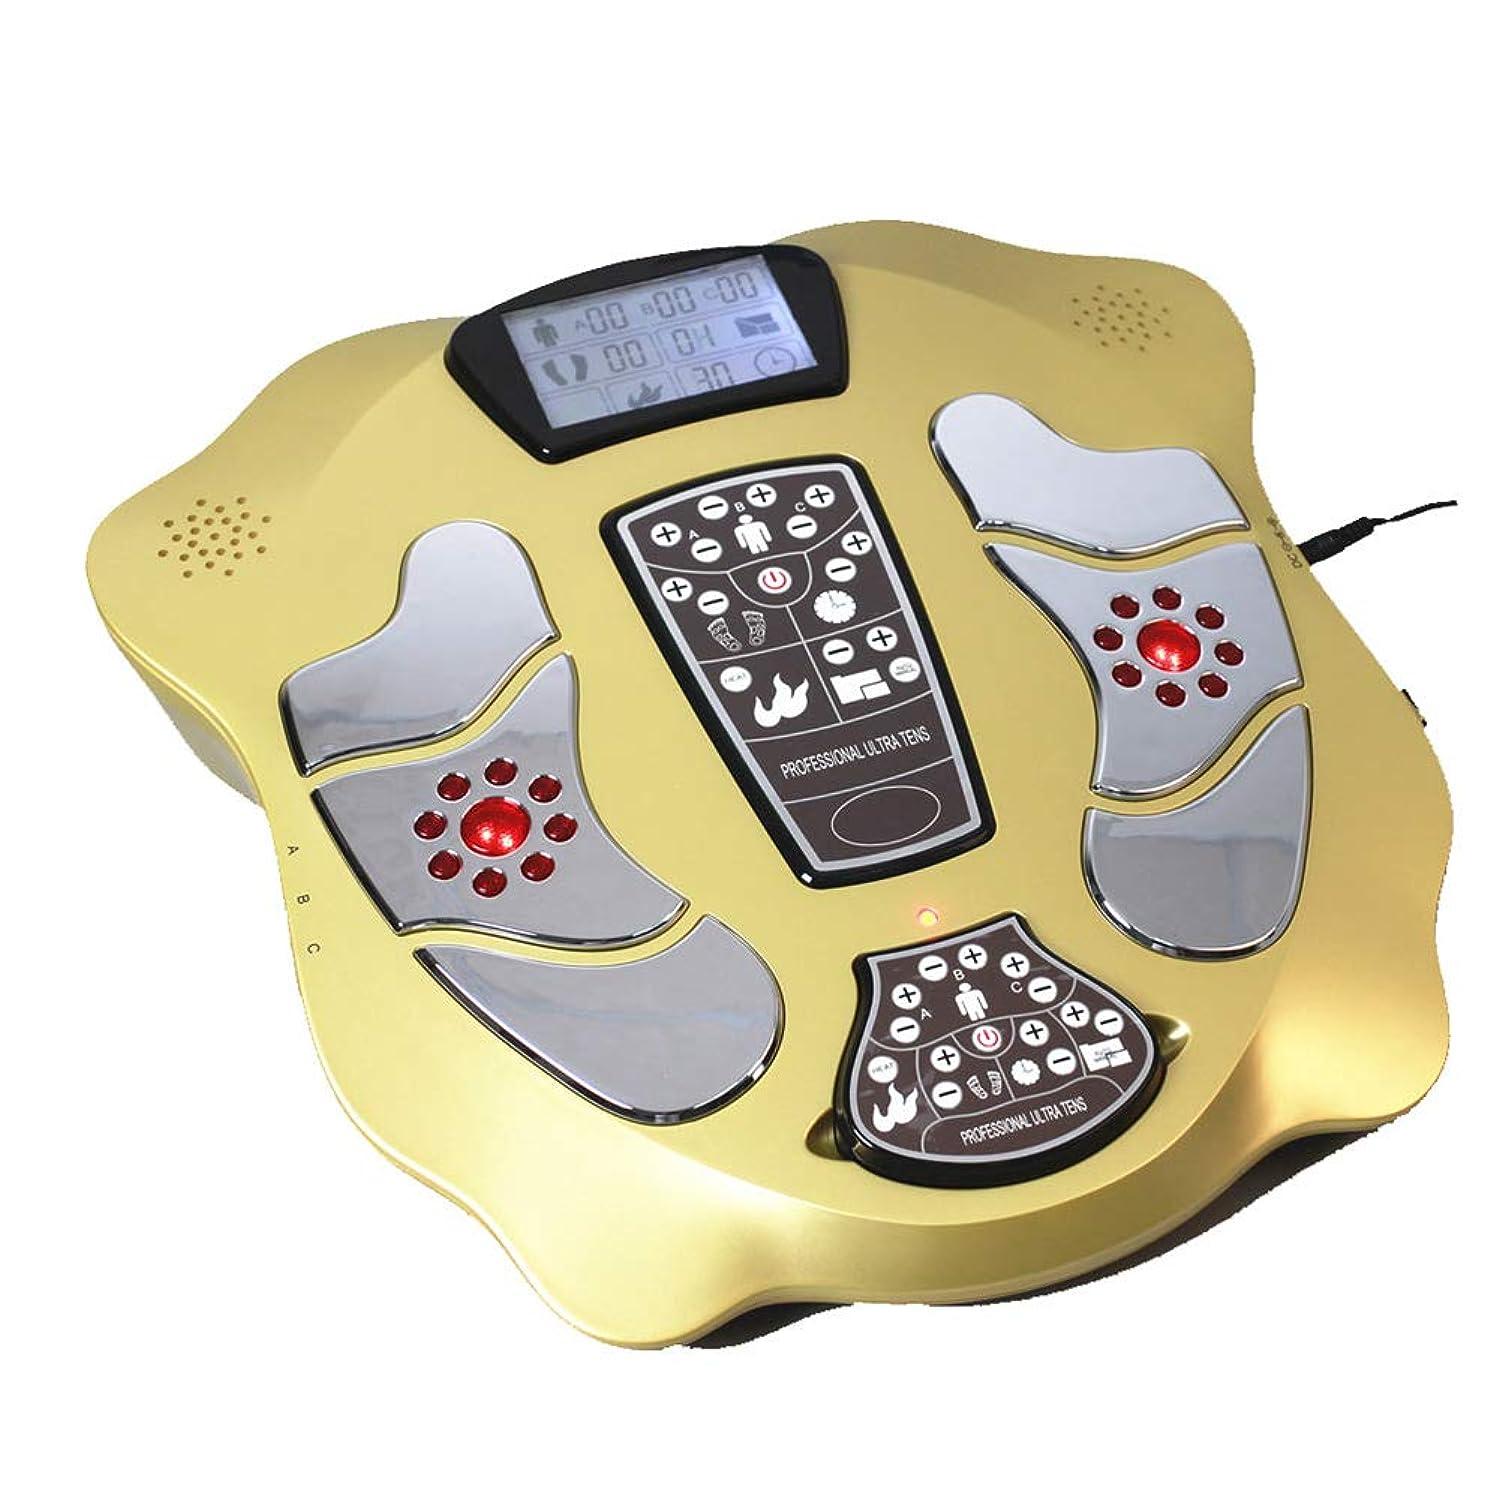 誠意ロック解除どこにも大型LCDディスプレイと血液循環のための赤外線加熱と電気EMSフットマッサージパッドスリミングベルトの4ペア